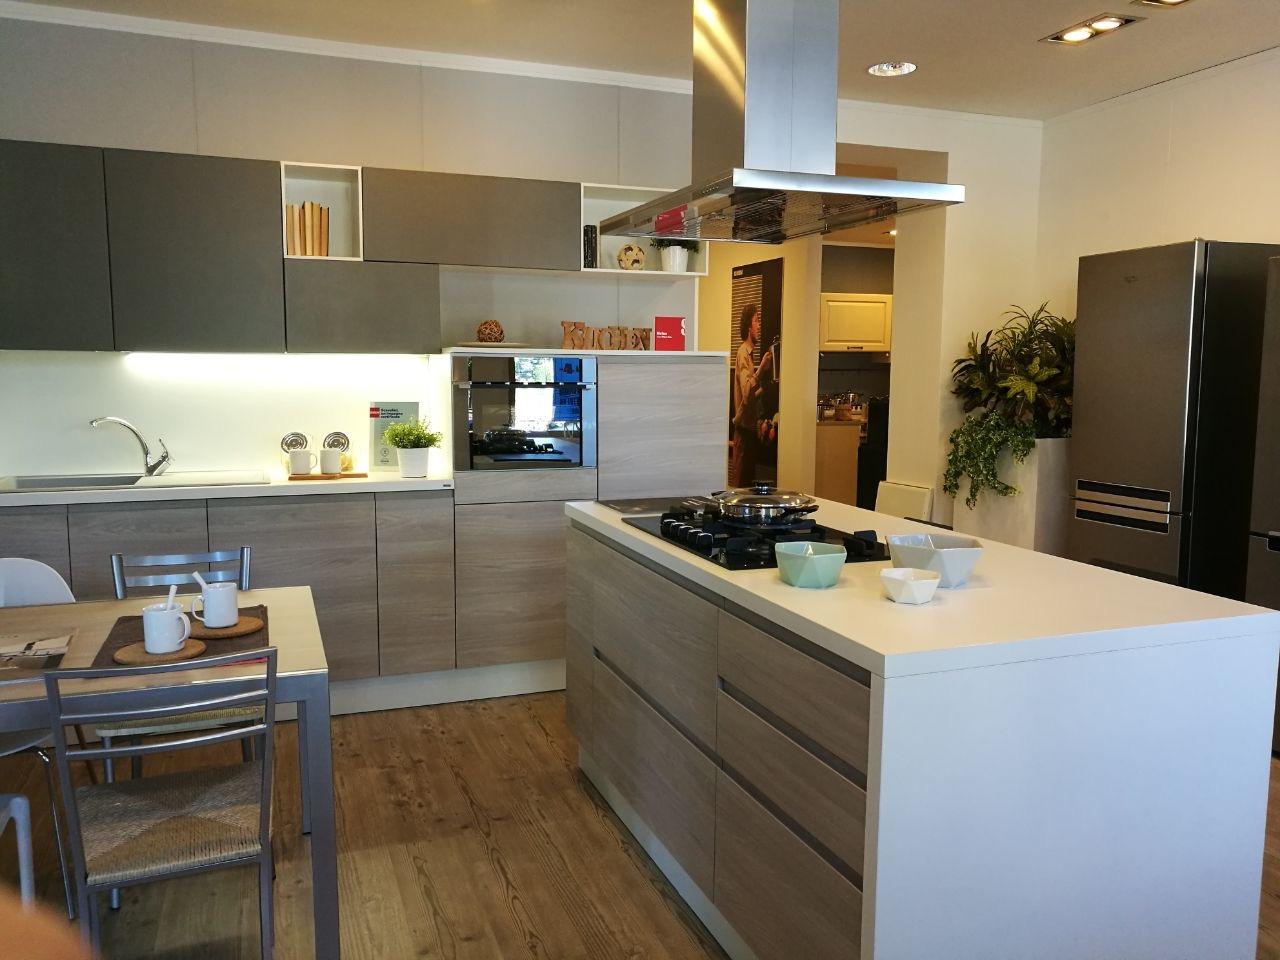 MOTUS Cucina Scavoliniin offerta per arredamento a Modena Maranello ...